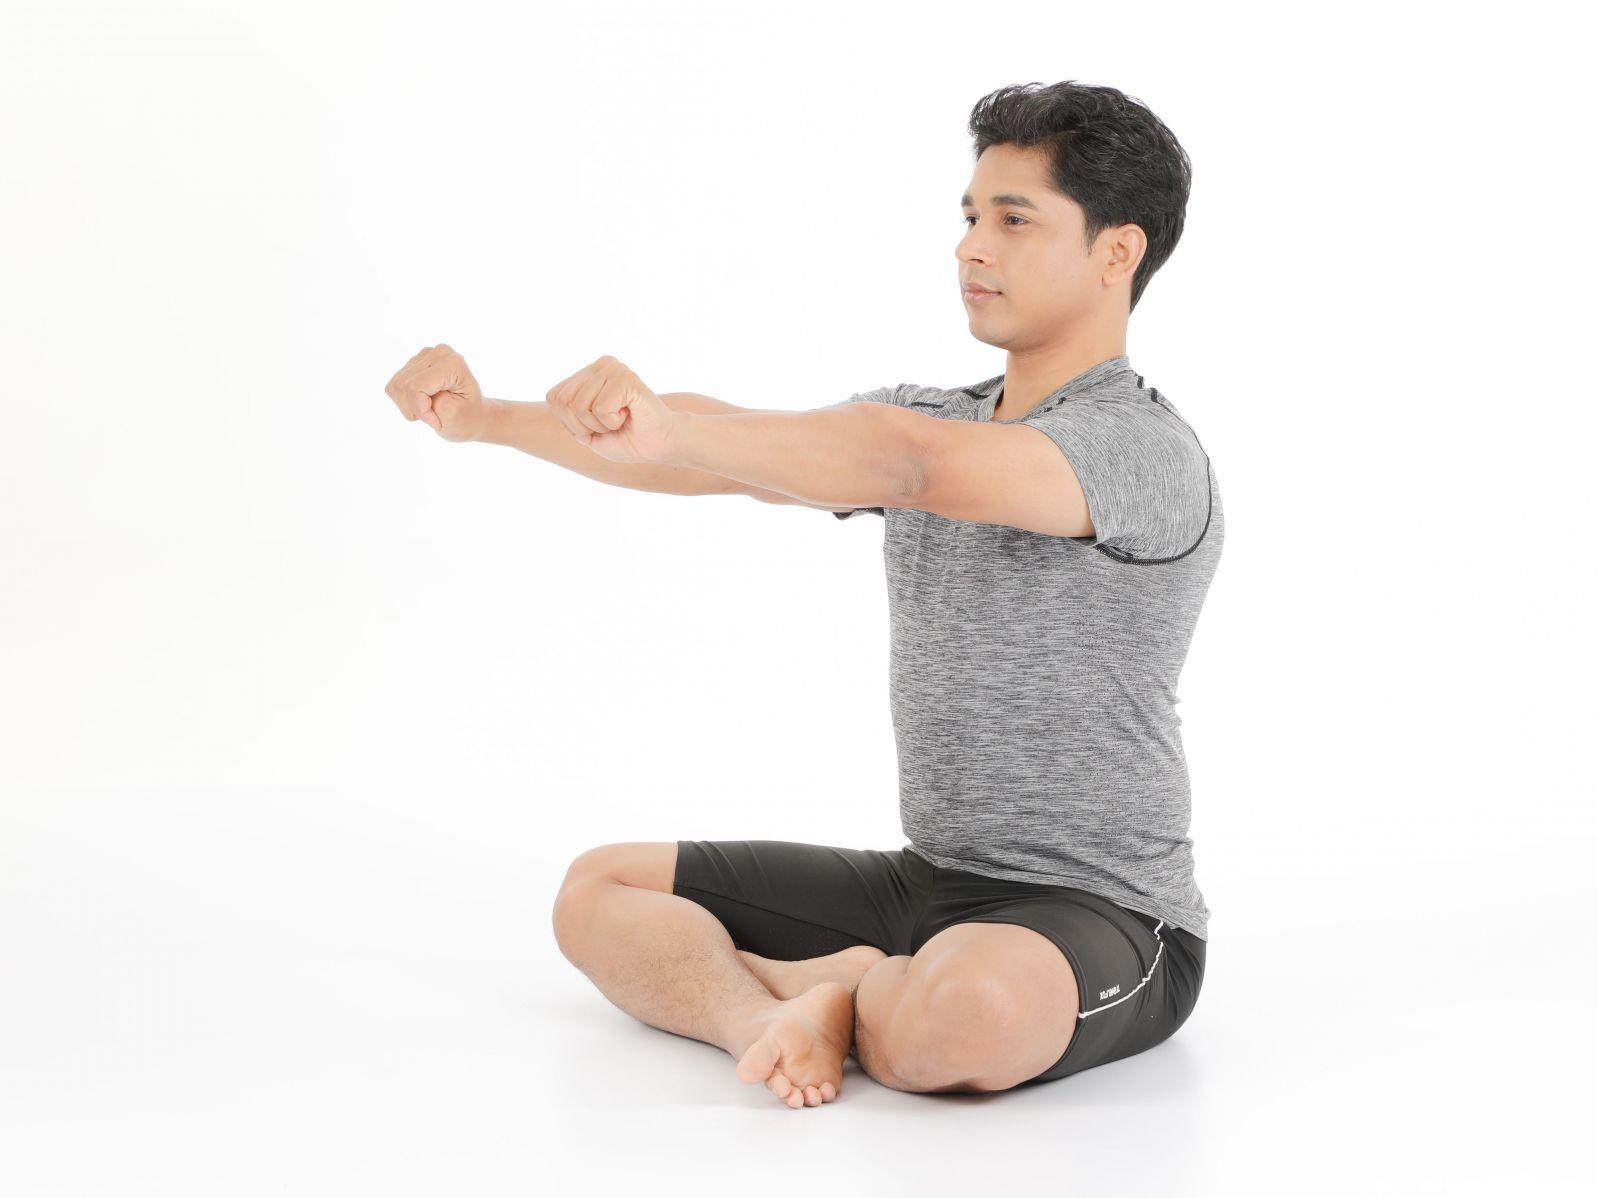 每天只花1分鐘!神奇瑜珈手腕運動,秒改善前臂、手腕痠痛